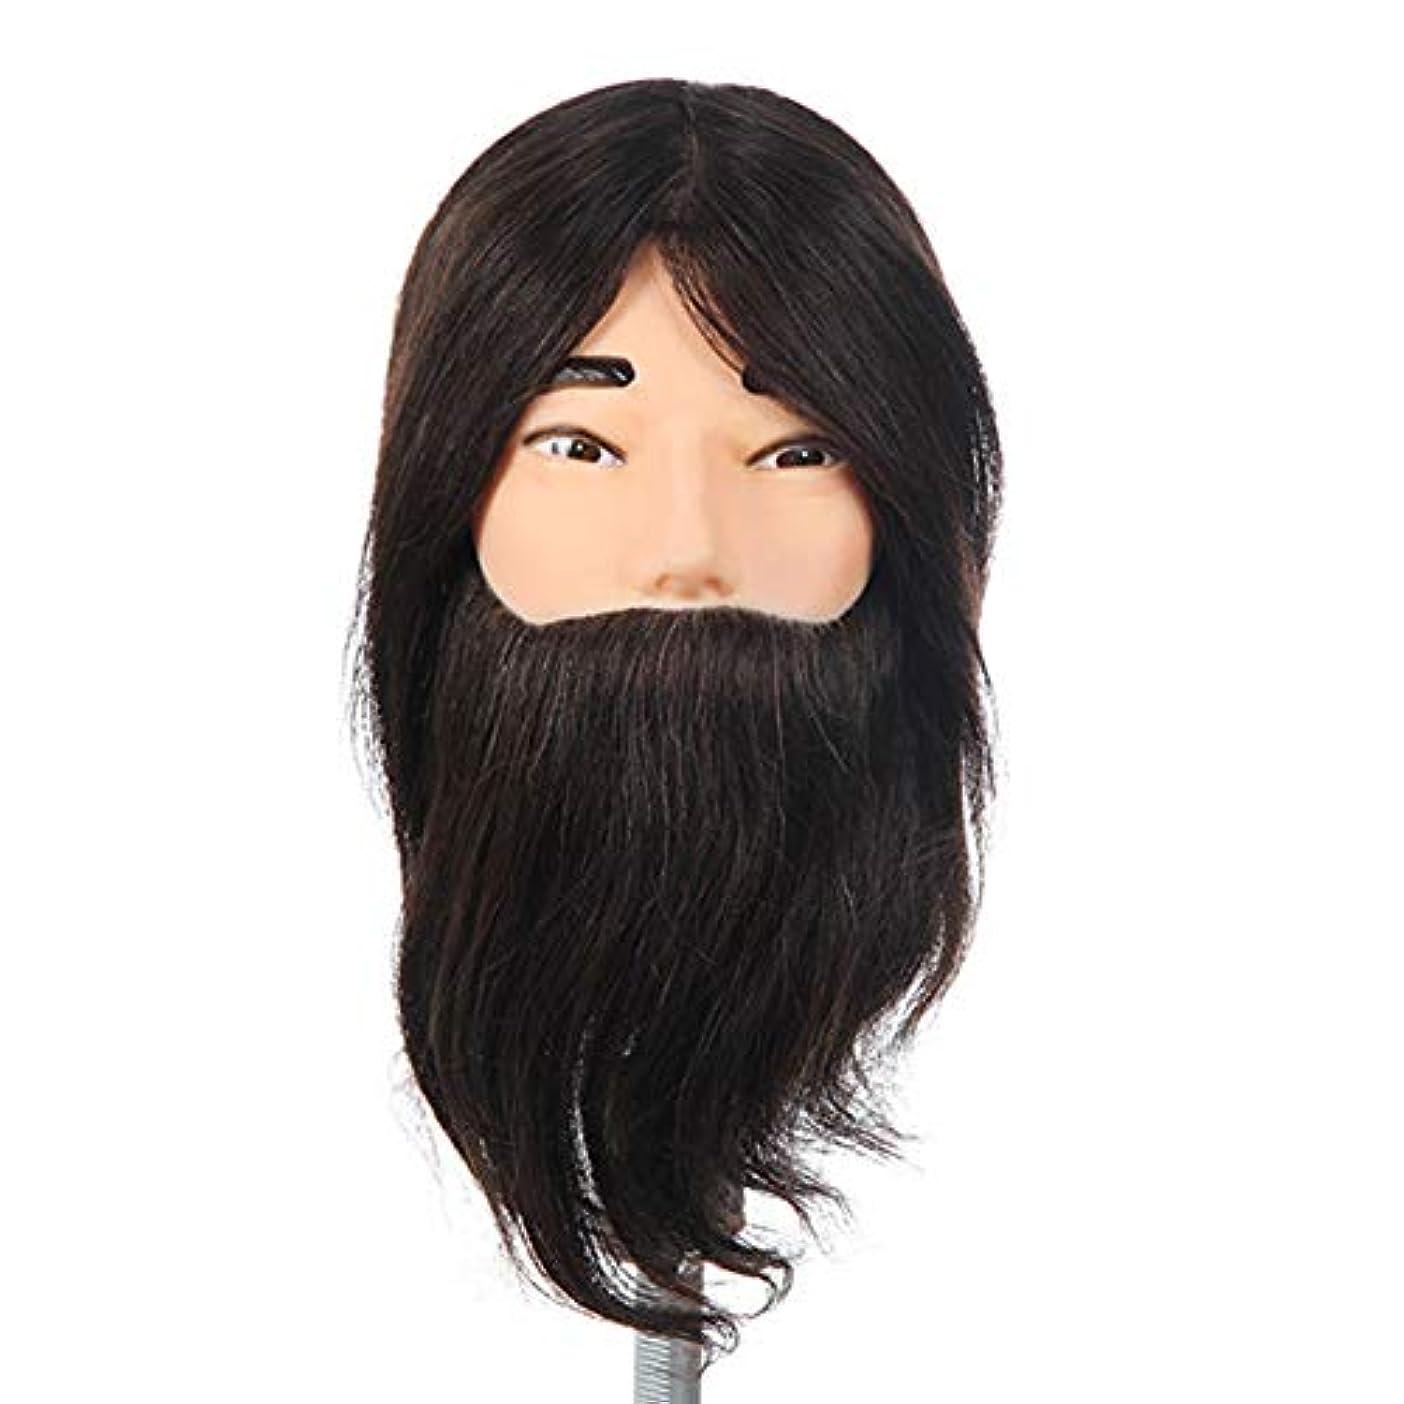 限界細胞サミットリアルヘア練習ヘッドモデルヘアサロントリミングパーマ染毛剤学習ダミーヘッドひげを生やした男性化粧マネキンヘッド